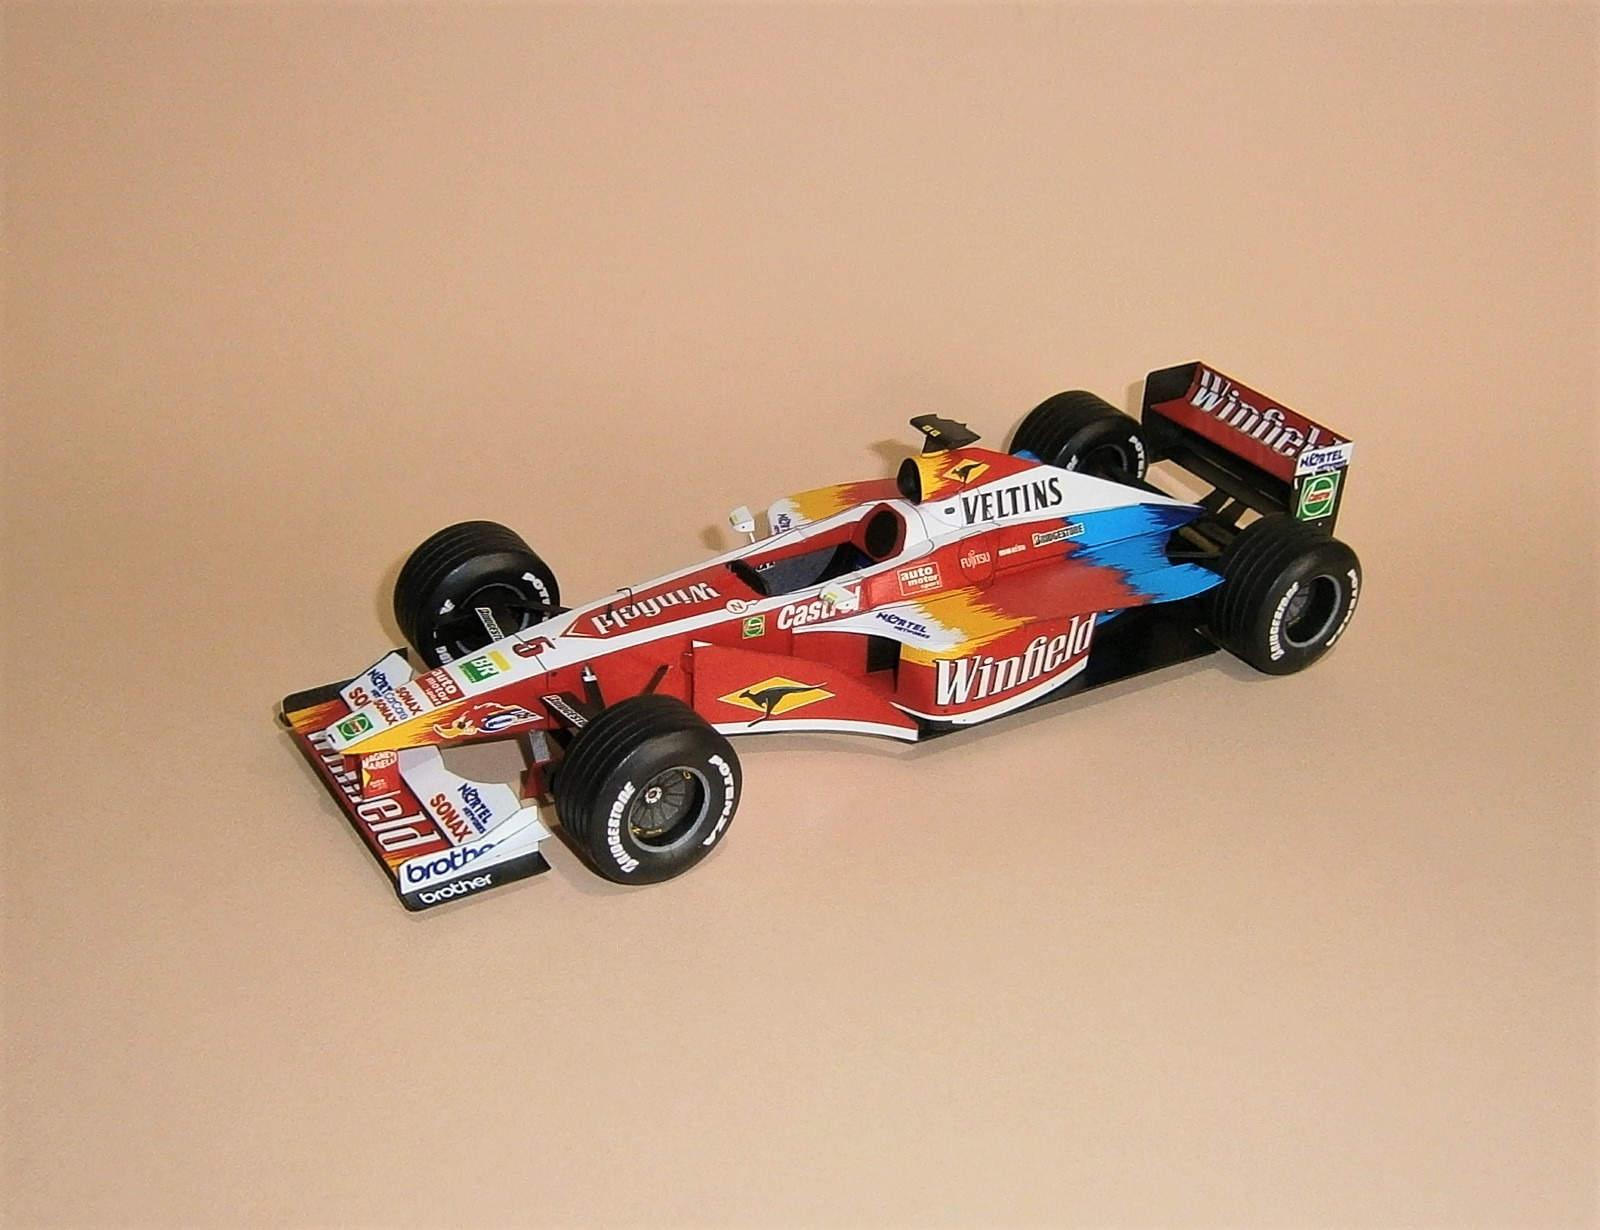 Williams FW21 - A.Zanardi - 1999